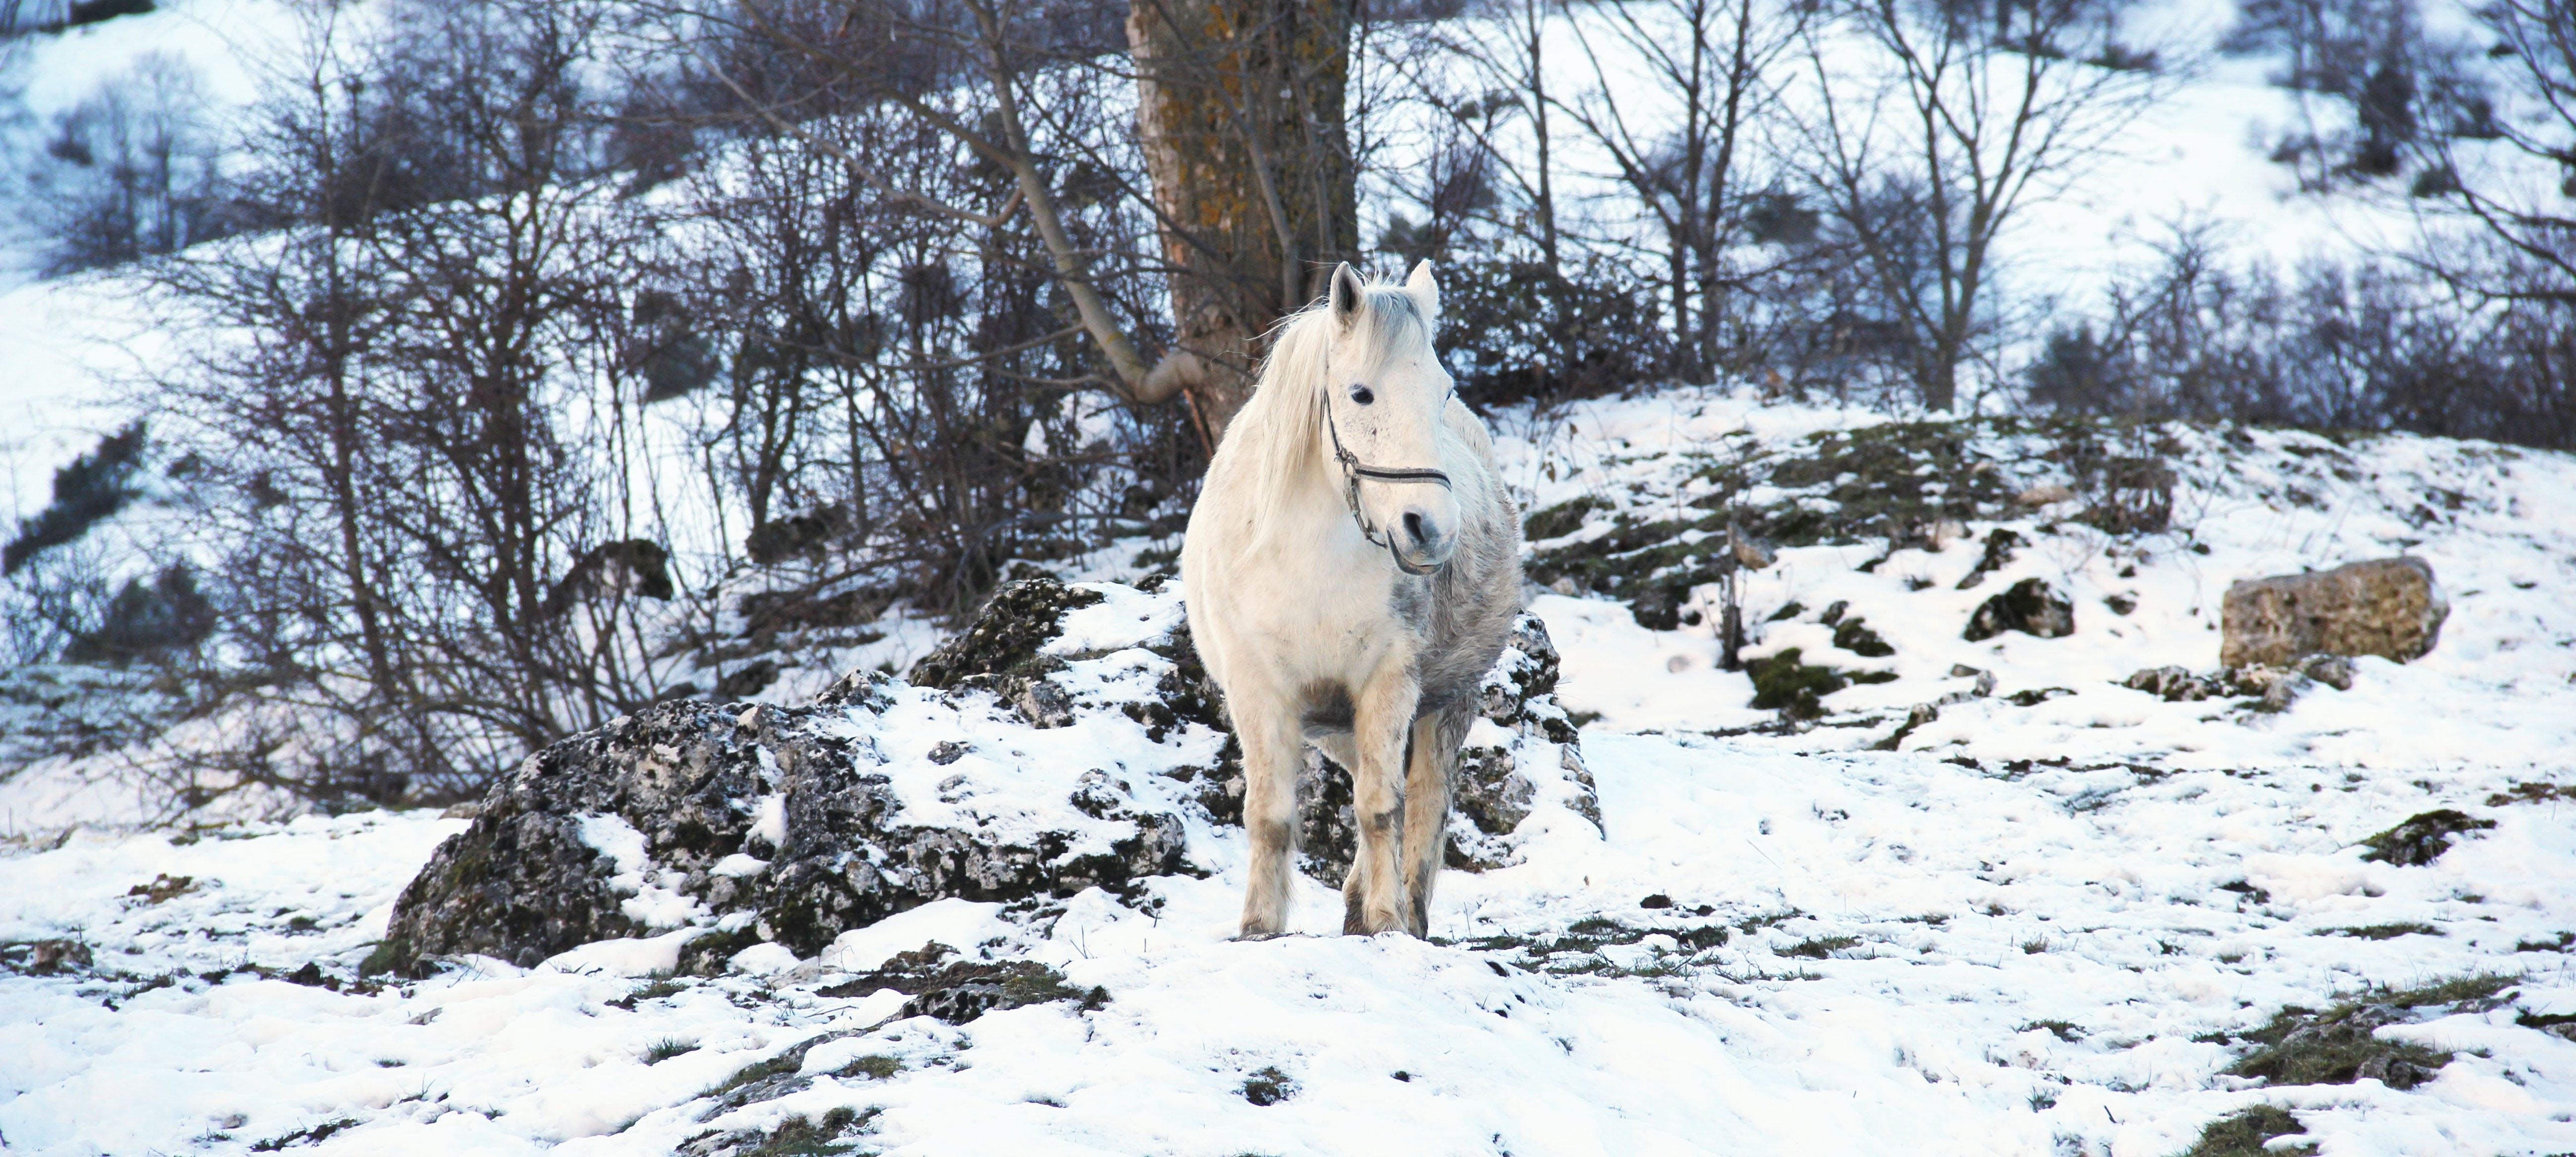 White Horse on White Snow